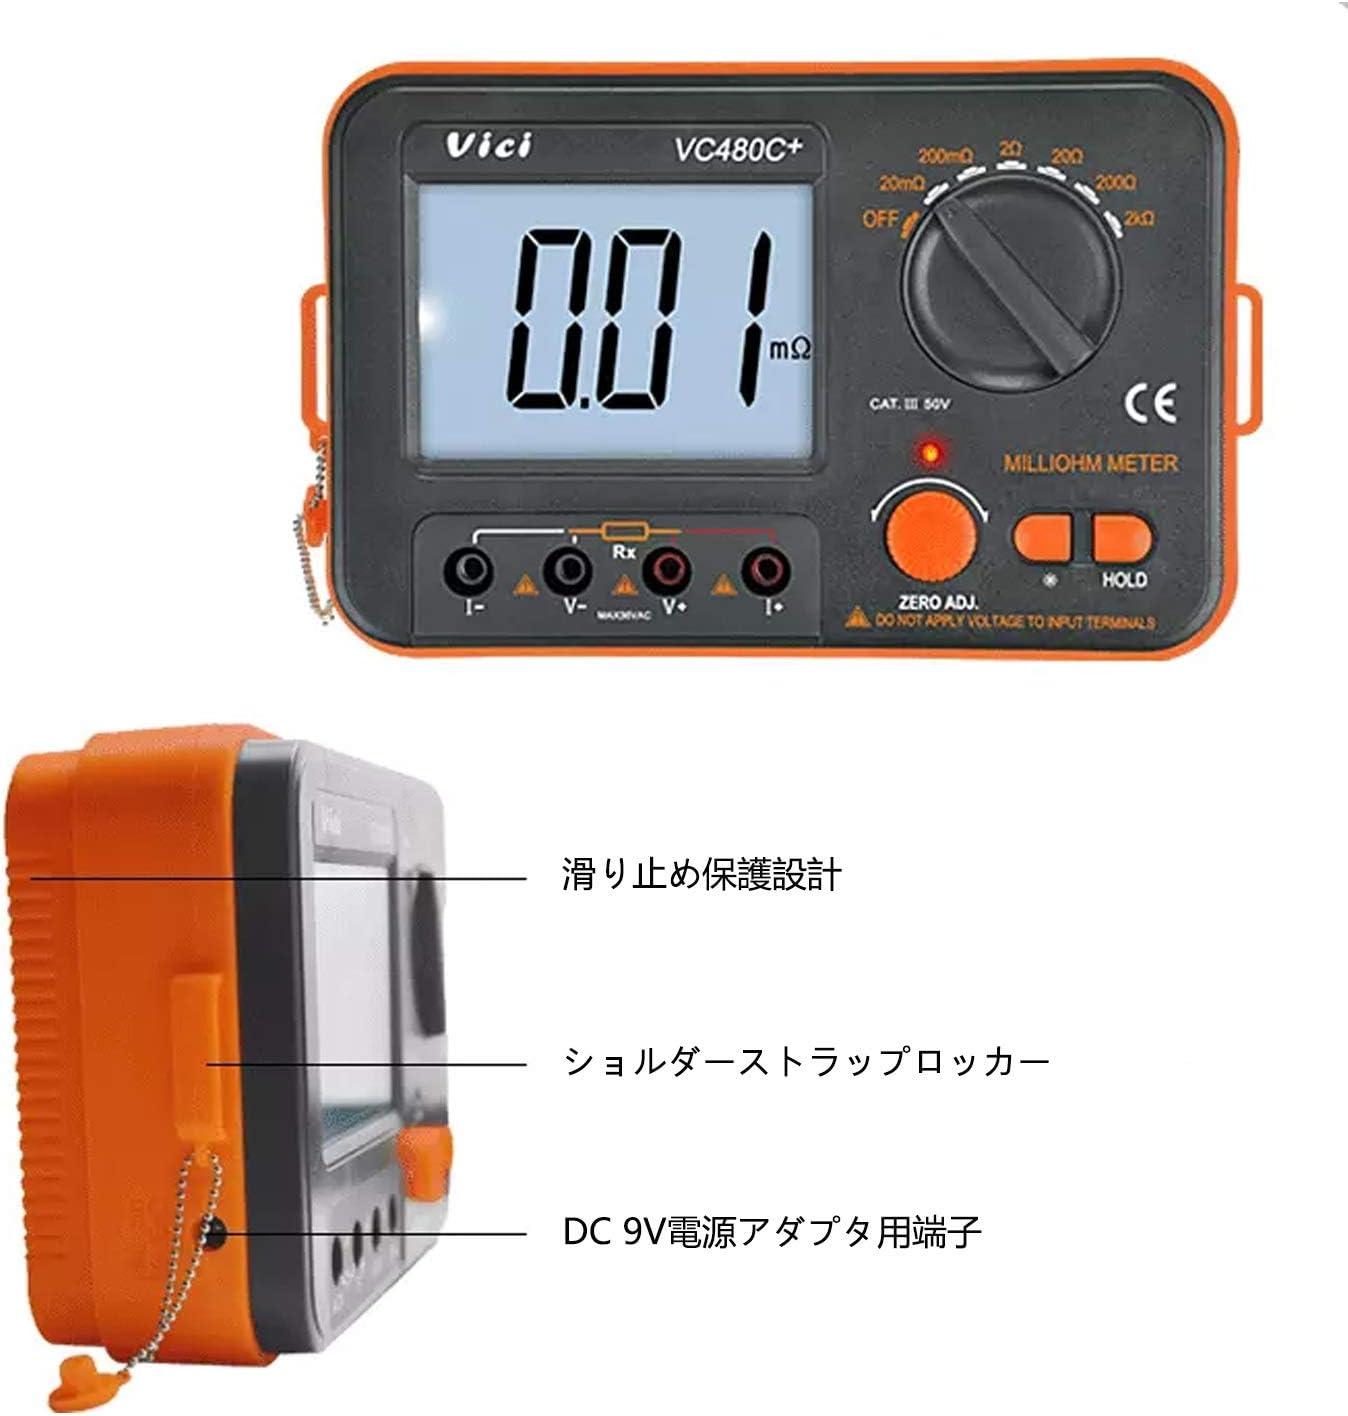 Medidor digital de milioh Prueba de 3 1/2 4 hilos con ...